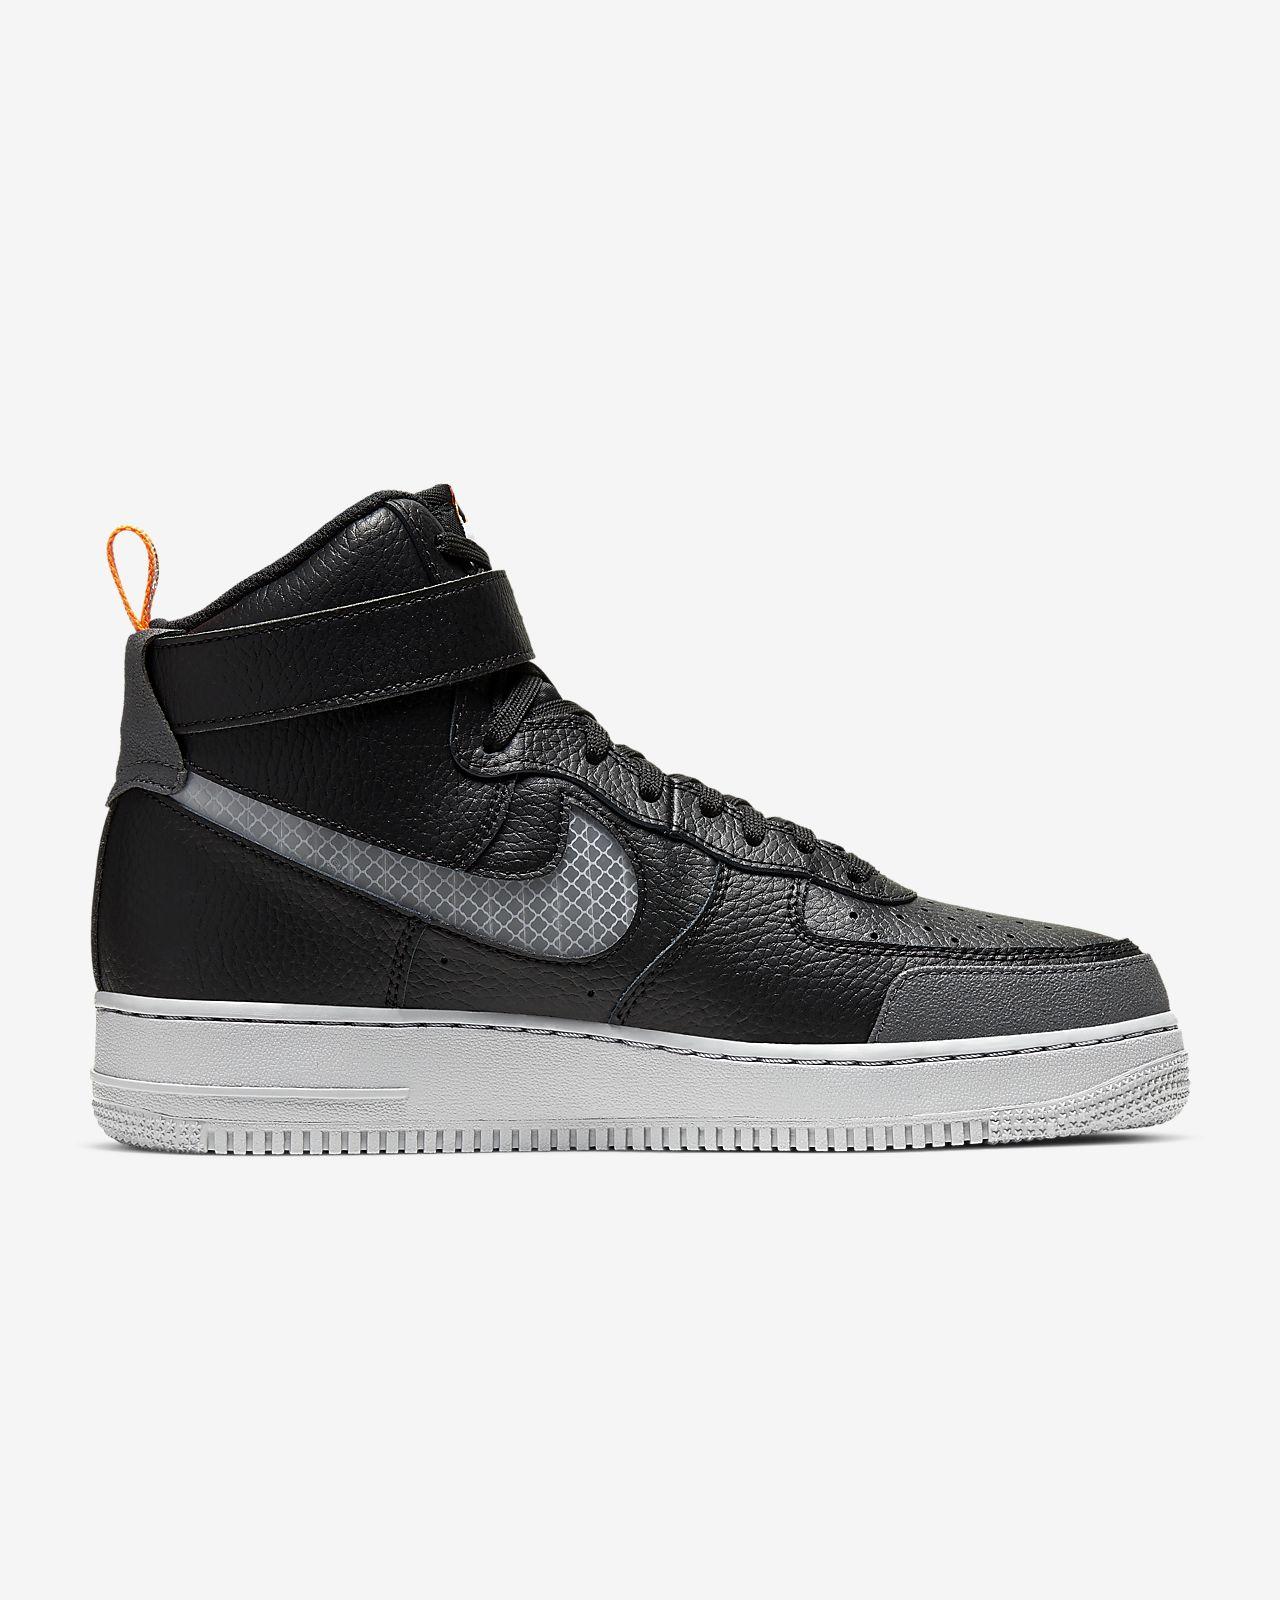 Calzado para hombre Nike Air Force 1 High '07 LV8 2